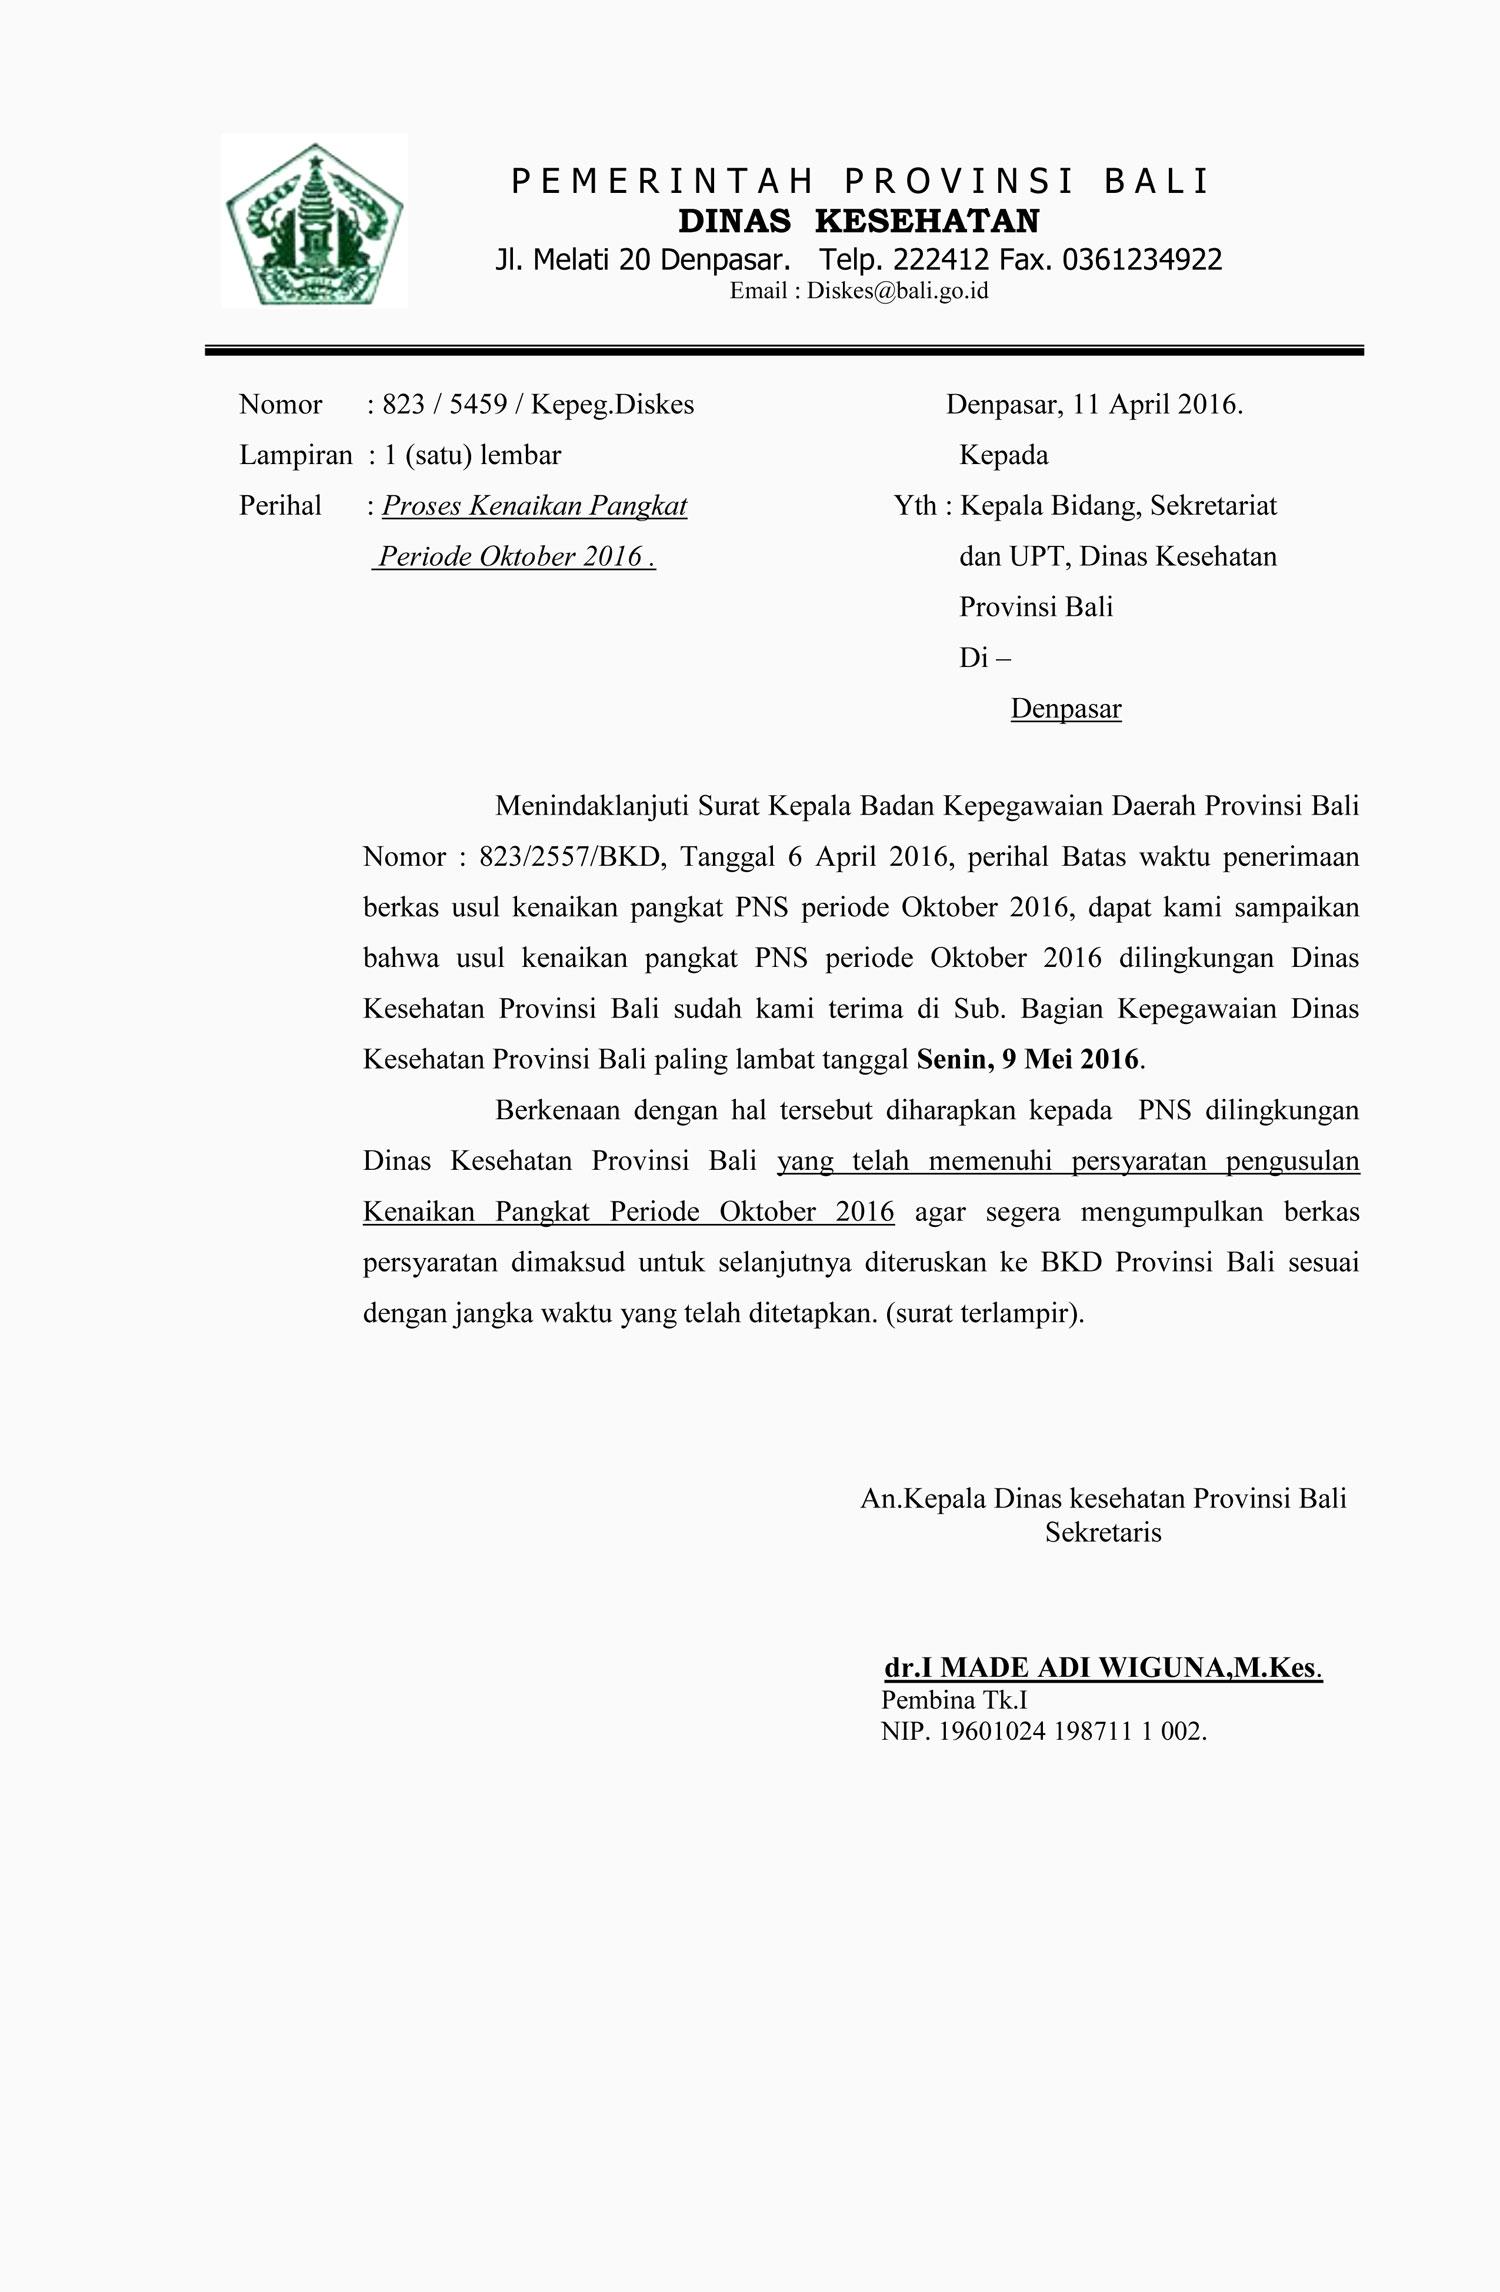 Kepegawaian Dinas Kesehatan Provinsi Bali Page 3 Kepegawaian Dinas Kesehatan Provinsi Bali